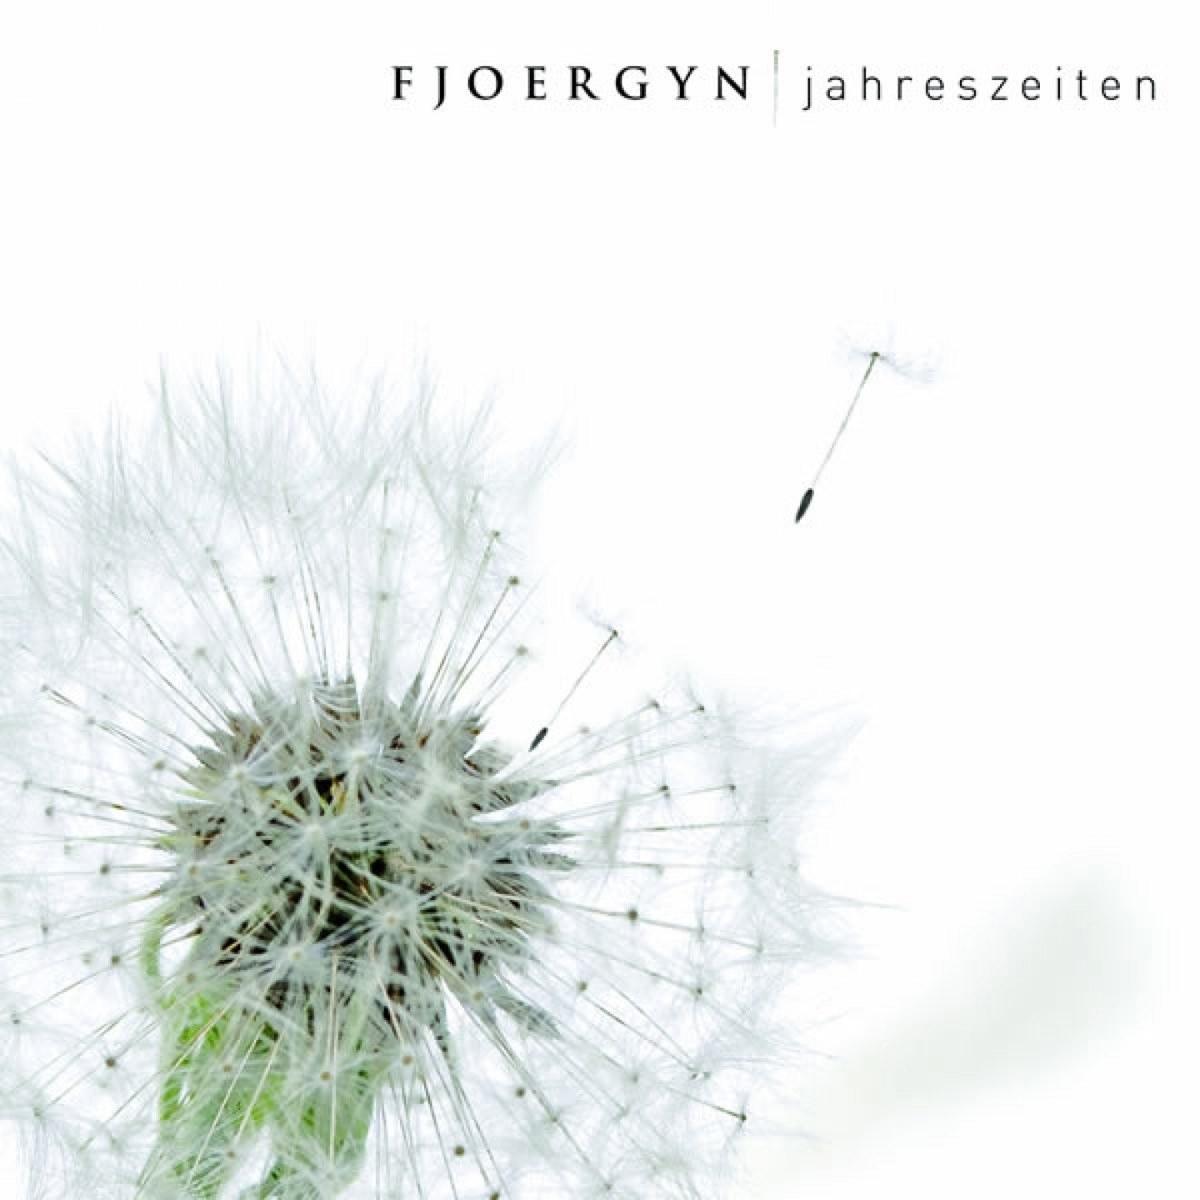 Fjoergyn - Jahreszeiten